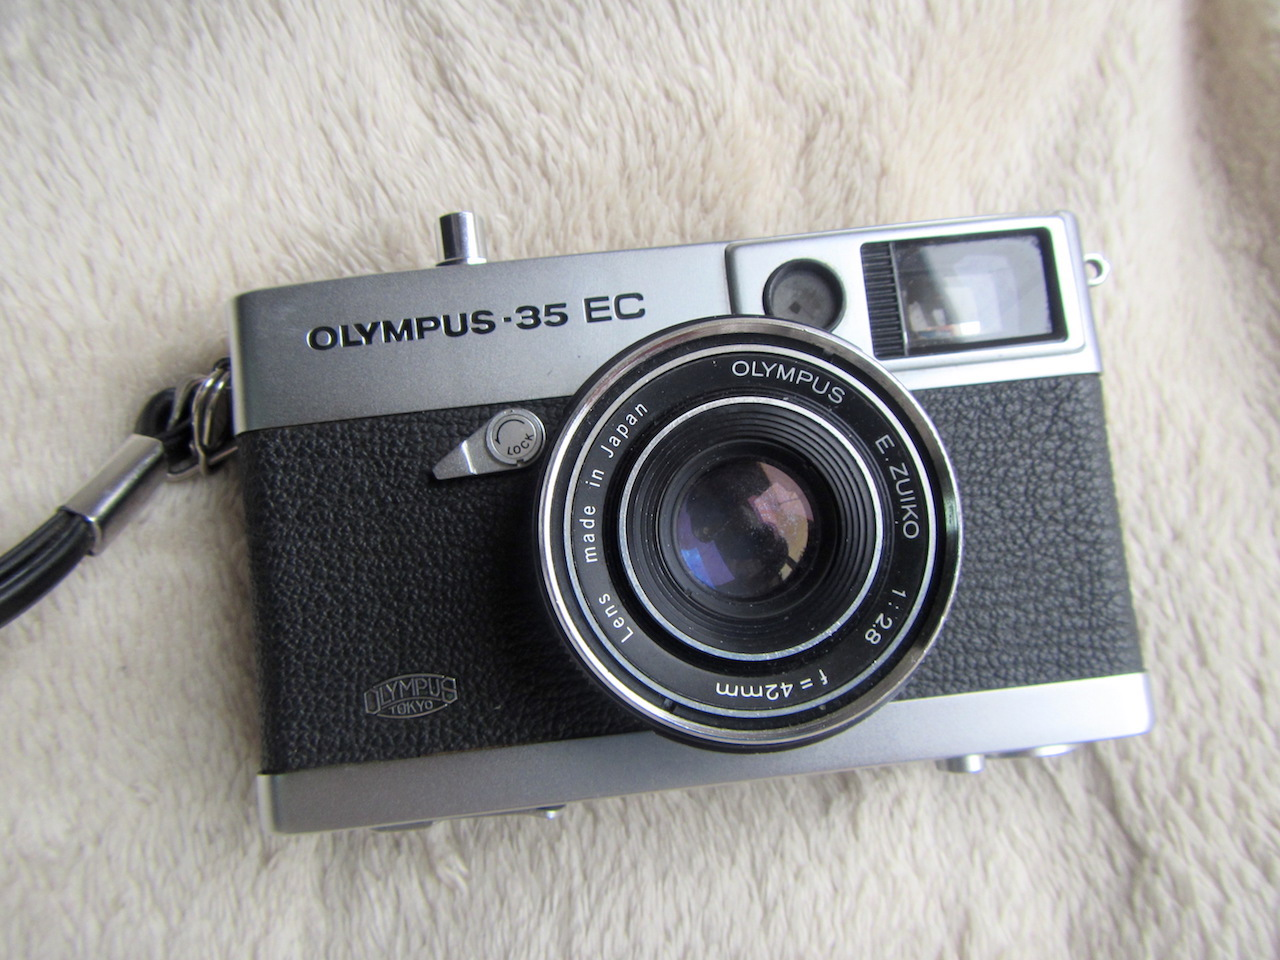 Olympus 35 EC